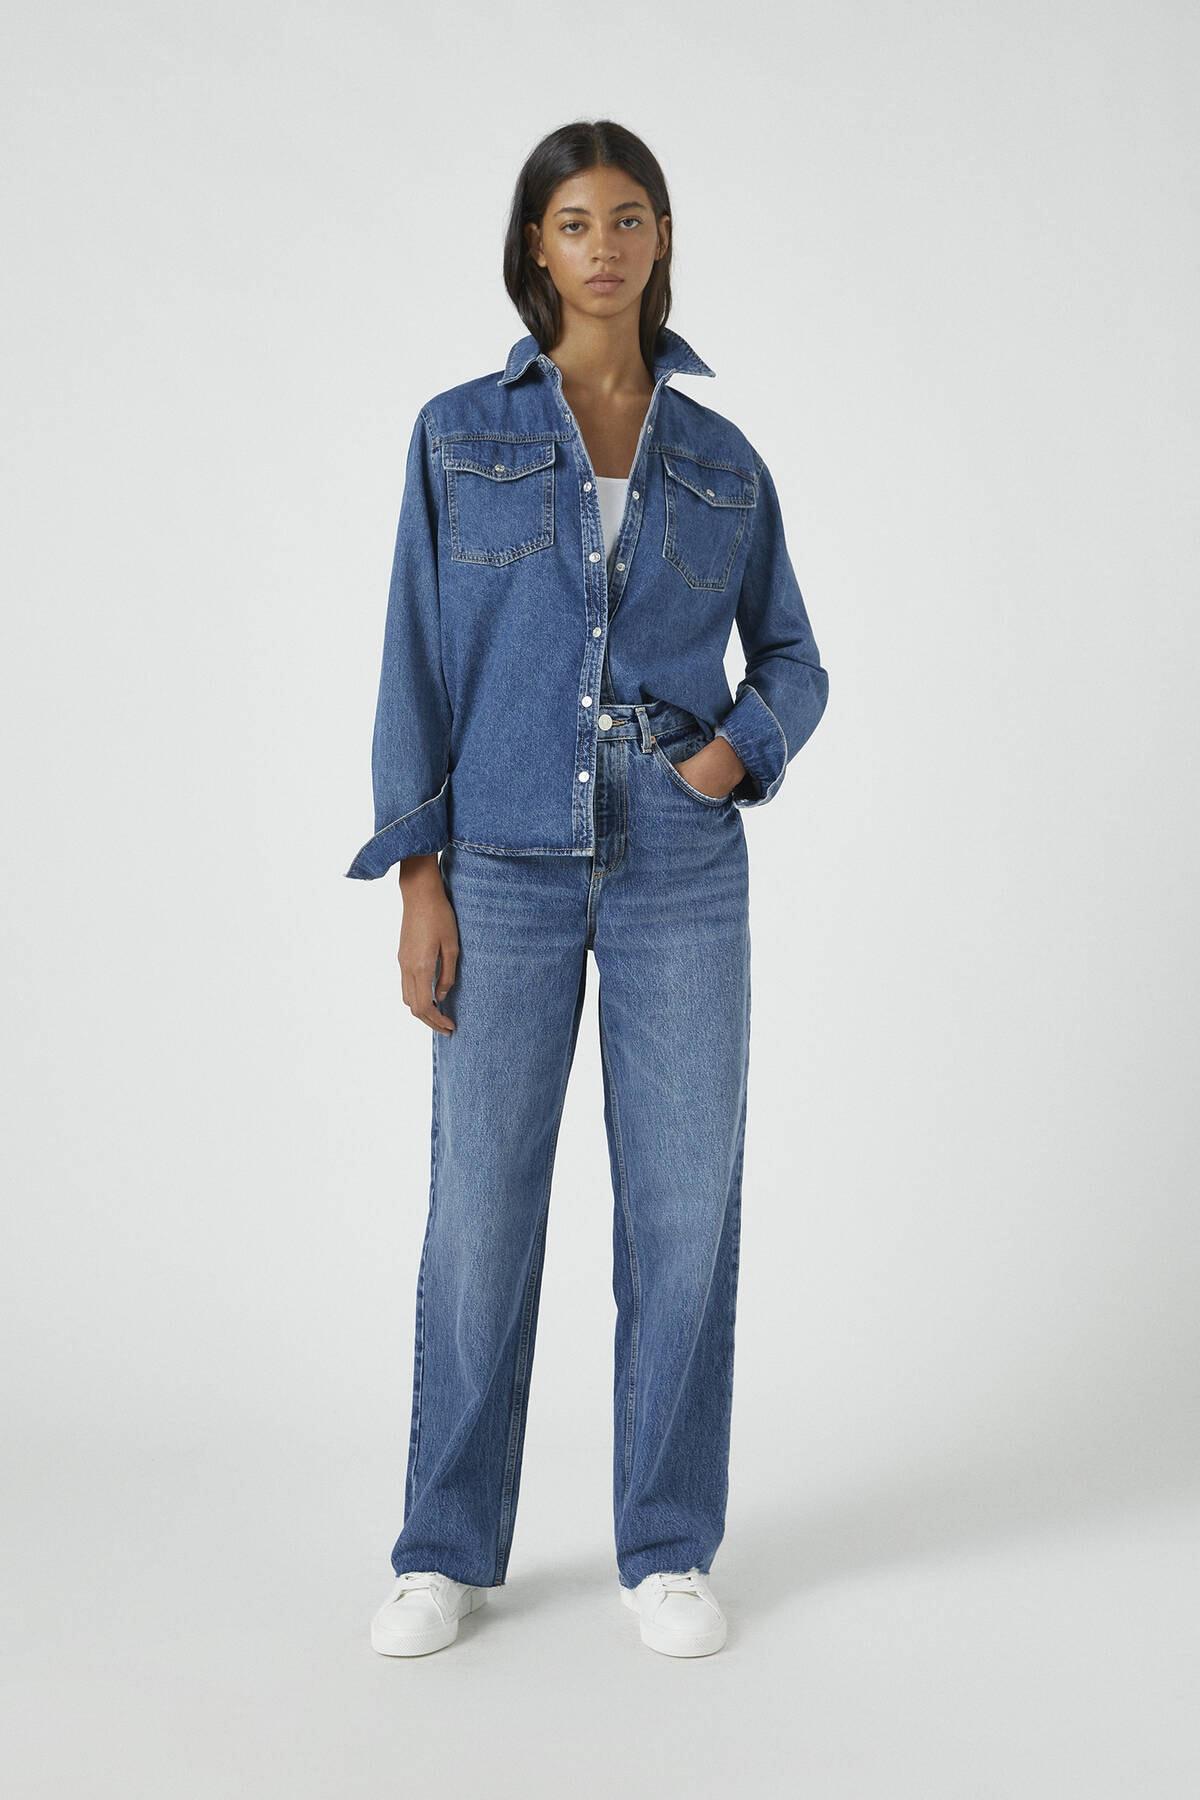 Pull & Bear Kadın Mavi Süper Yüksek Bel Geniş Paça Jean 09683325 1